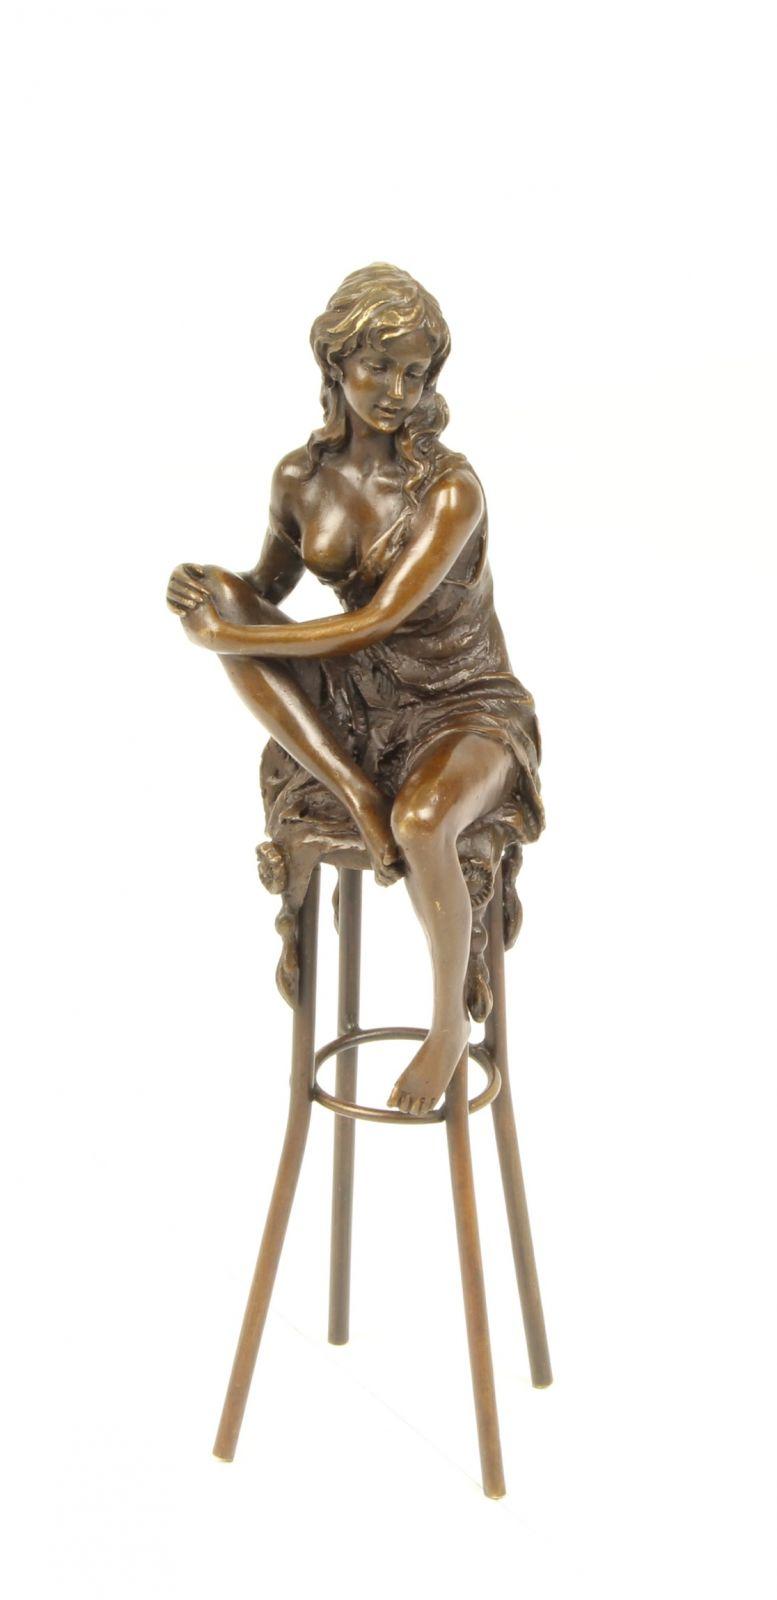 Бронзовая голая женщина на барном стуле BrokInCZ